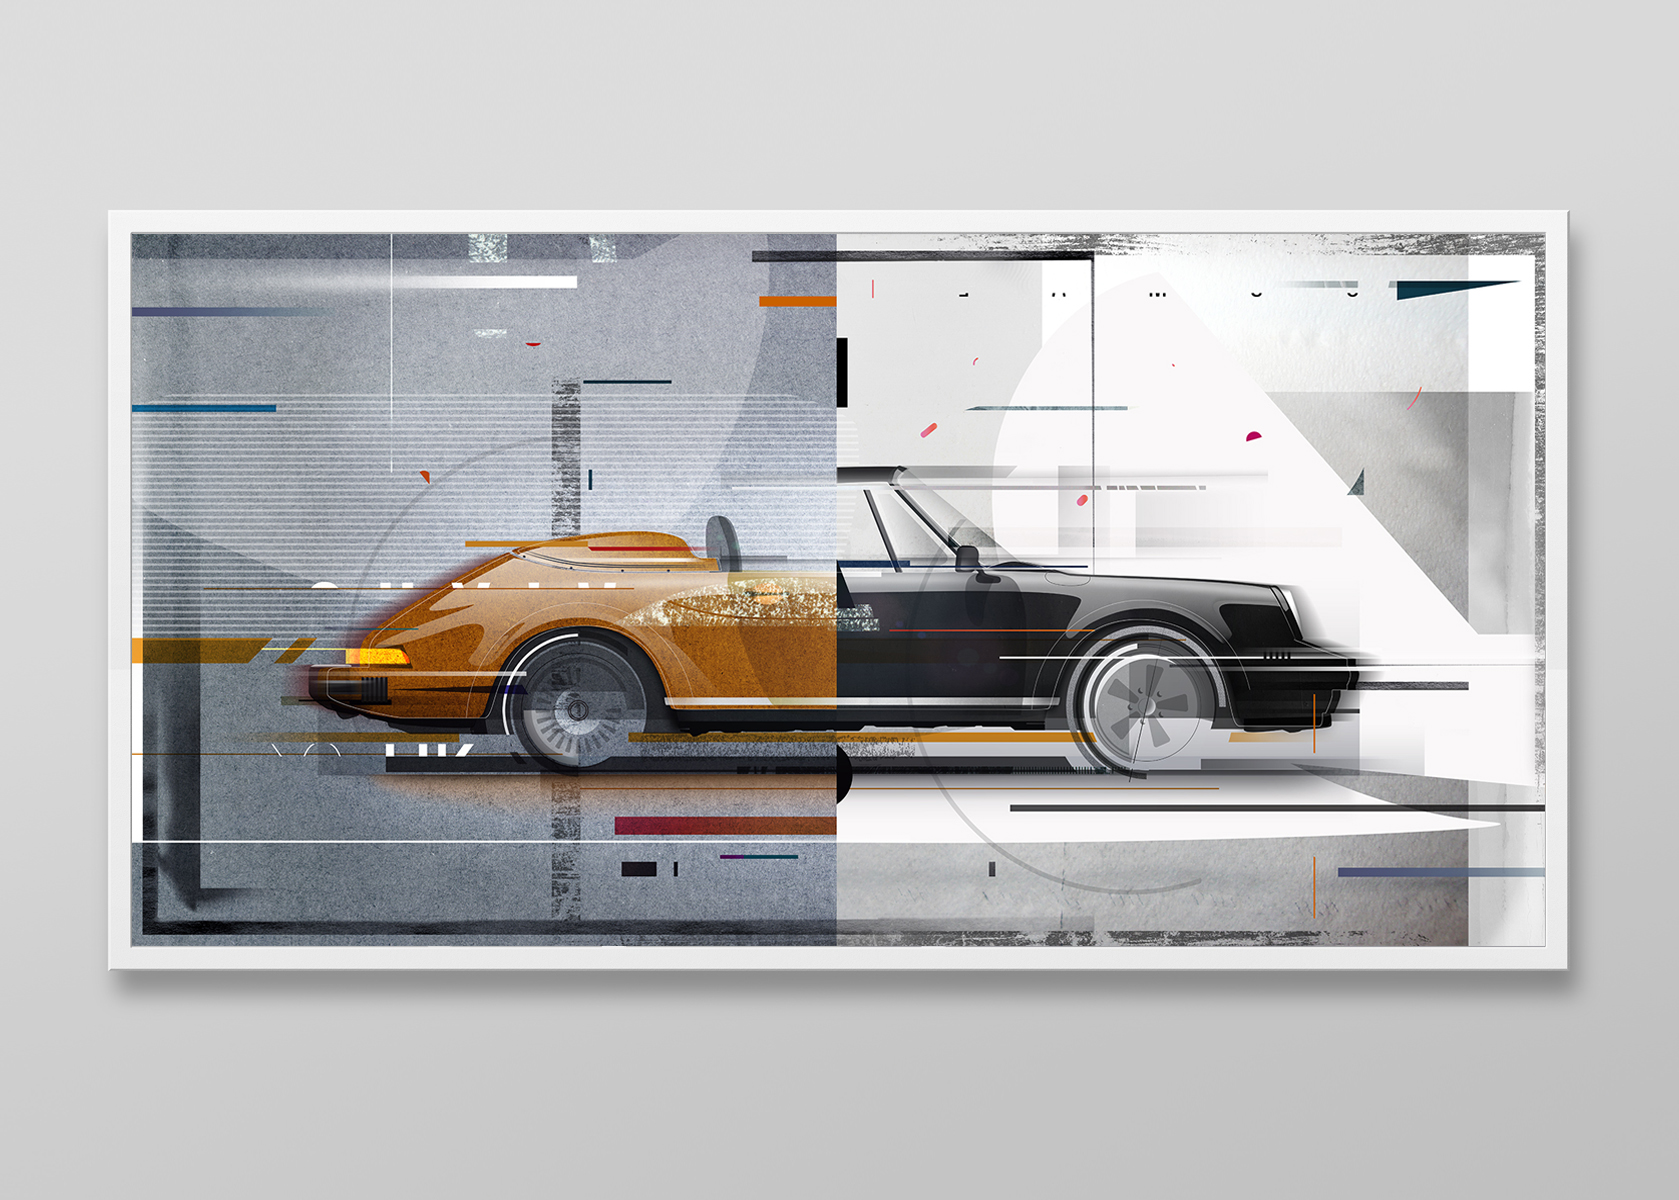 Porsche Classic Art Award by Peter Csuth - 05.jpg